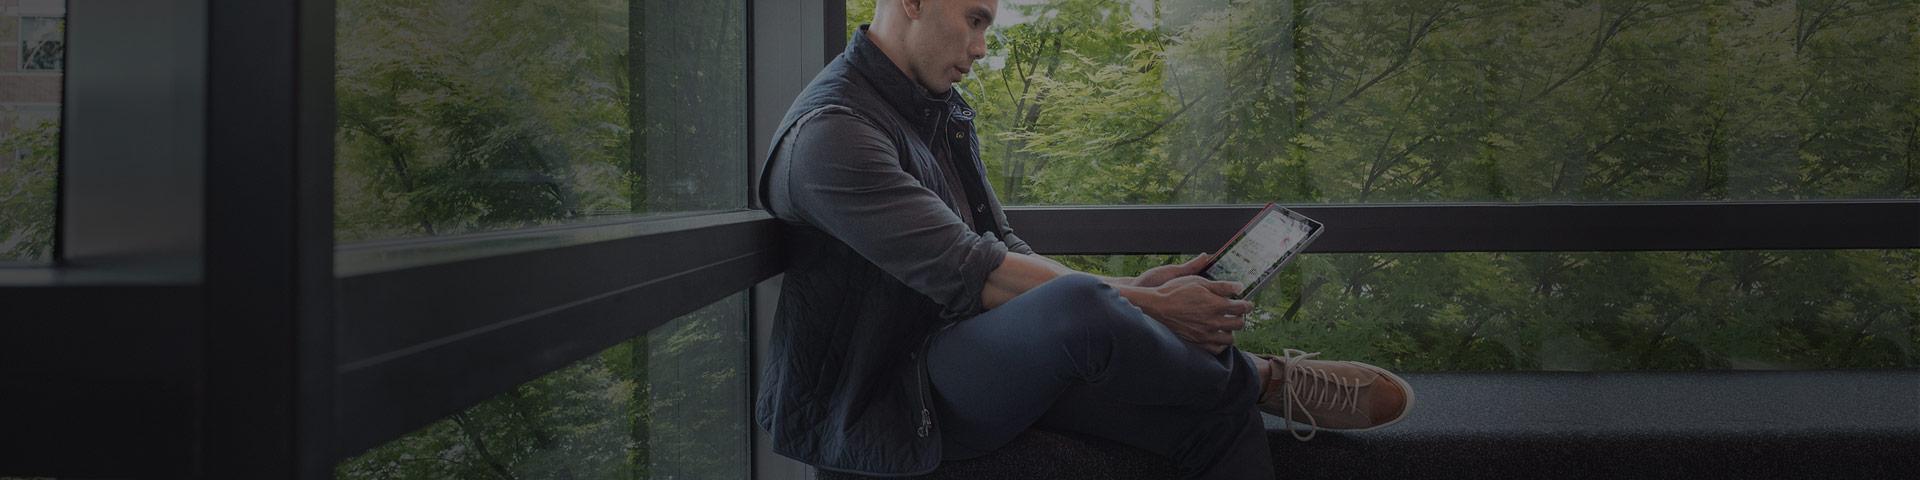 Een man op een bankje kijkt naar een apparaat in zijn handen